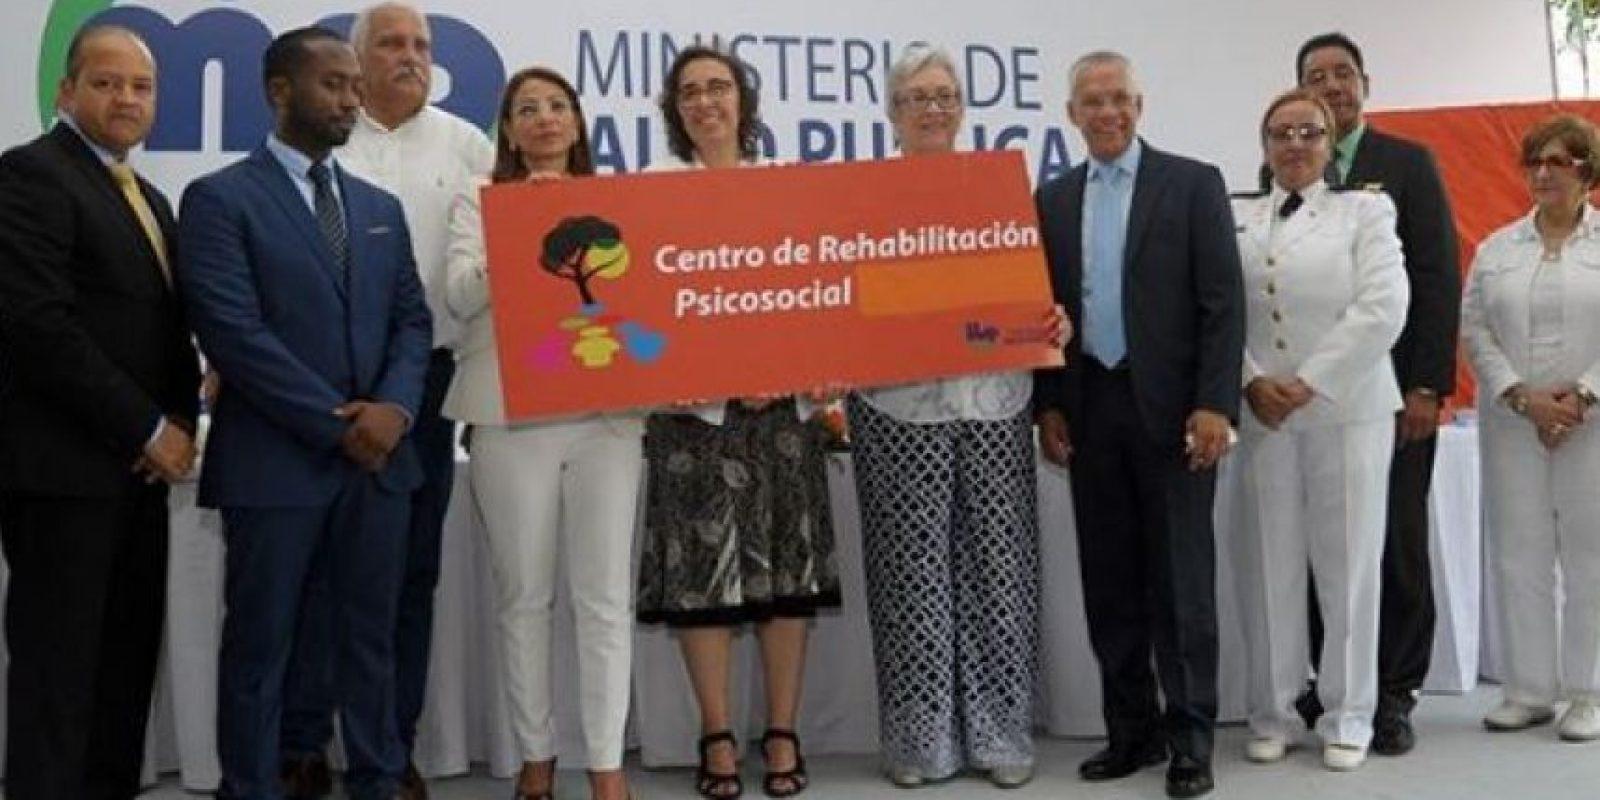 ]La ministra de Salud Pública, Altagracia Guzmán Marcelino, en el acto inaugural Foto:Ministerio de Salud Pública